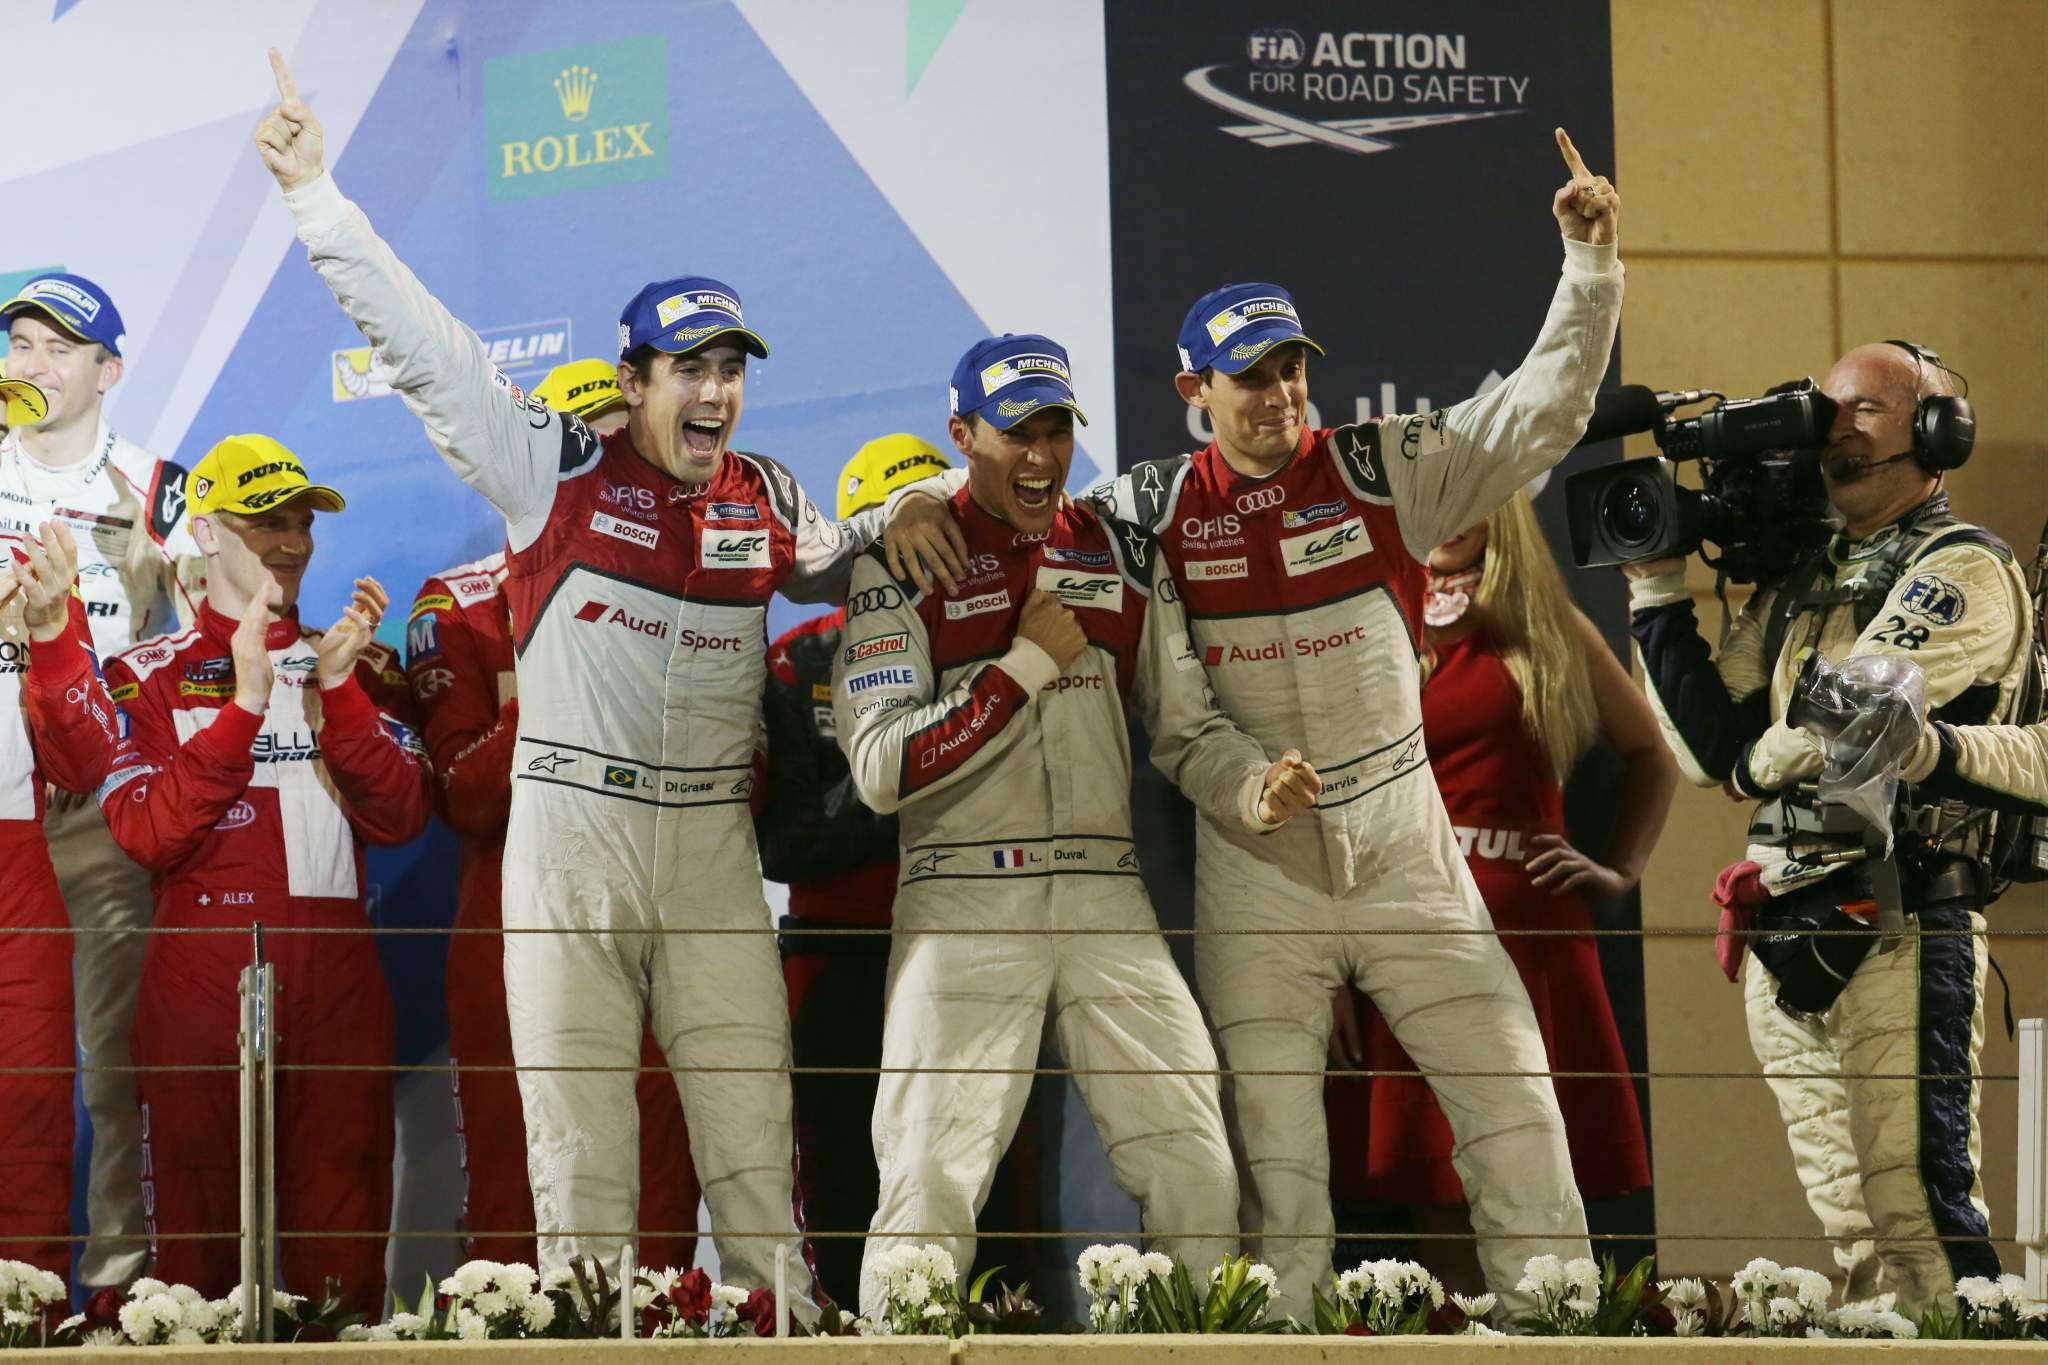 Motor Racing Fia World Endurance Championship Wec Round 9 Sakhir, Bahrain